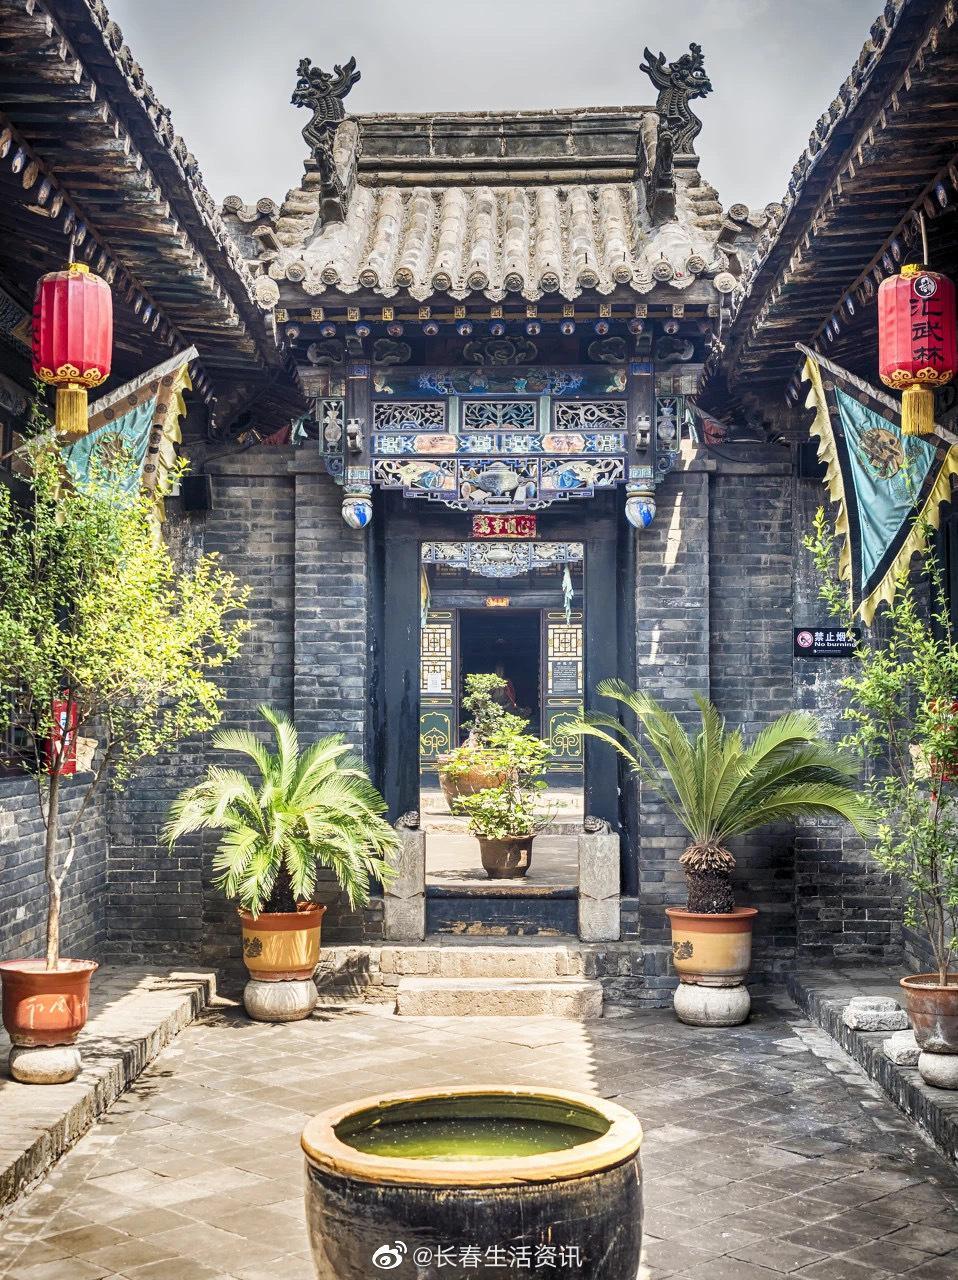 平遥古城 作为晚清中国的金融中心 可以感受到晋商在古城中的无处不在